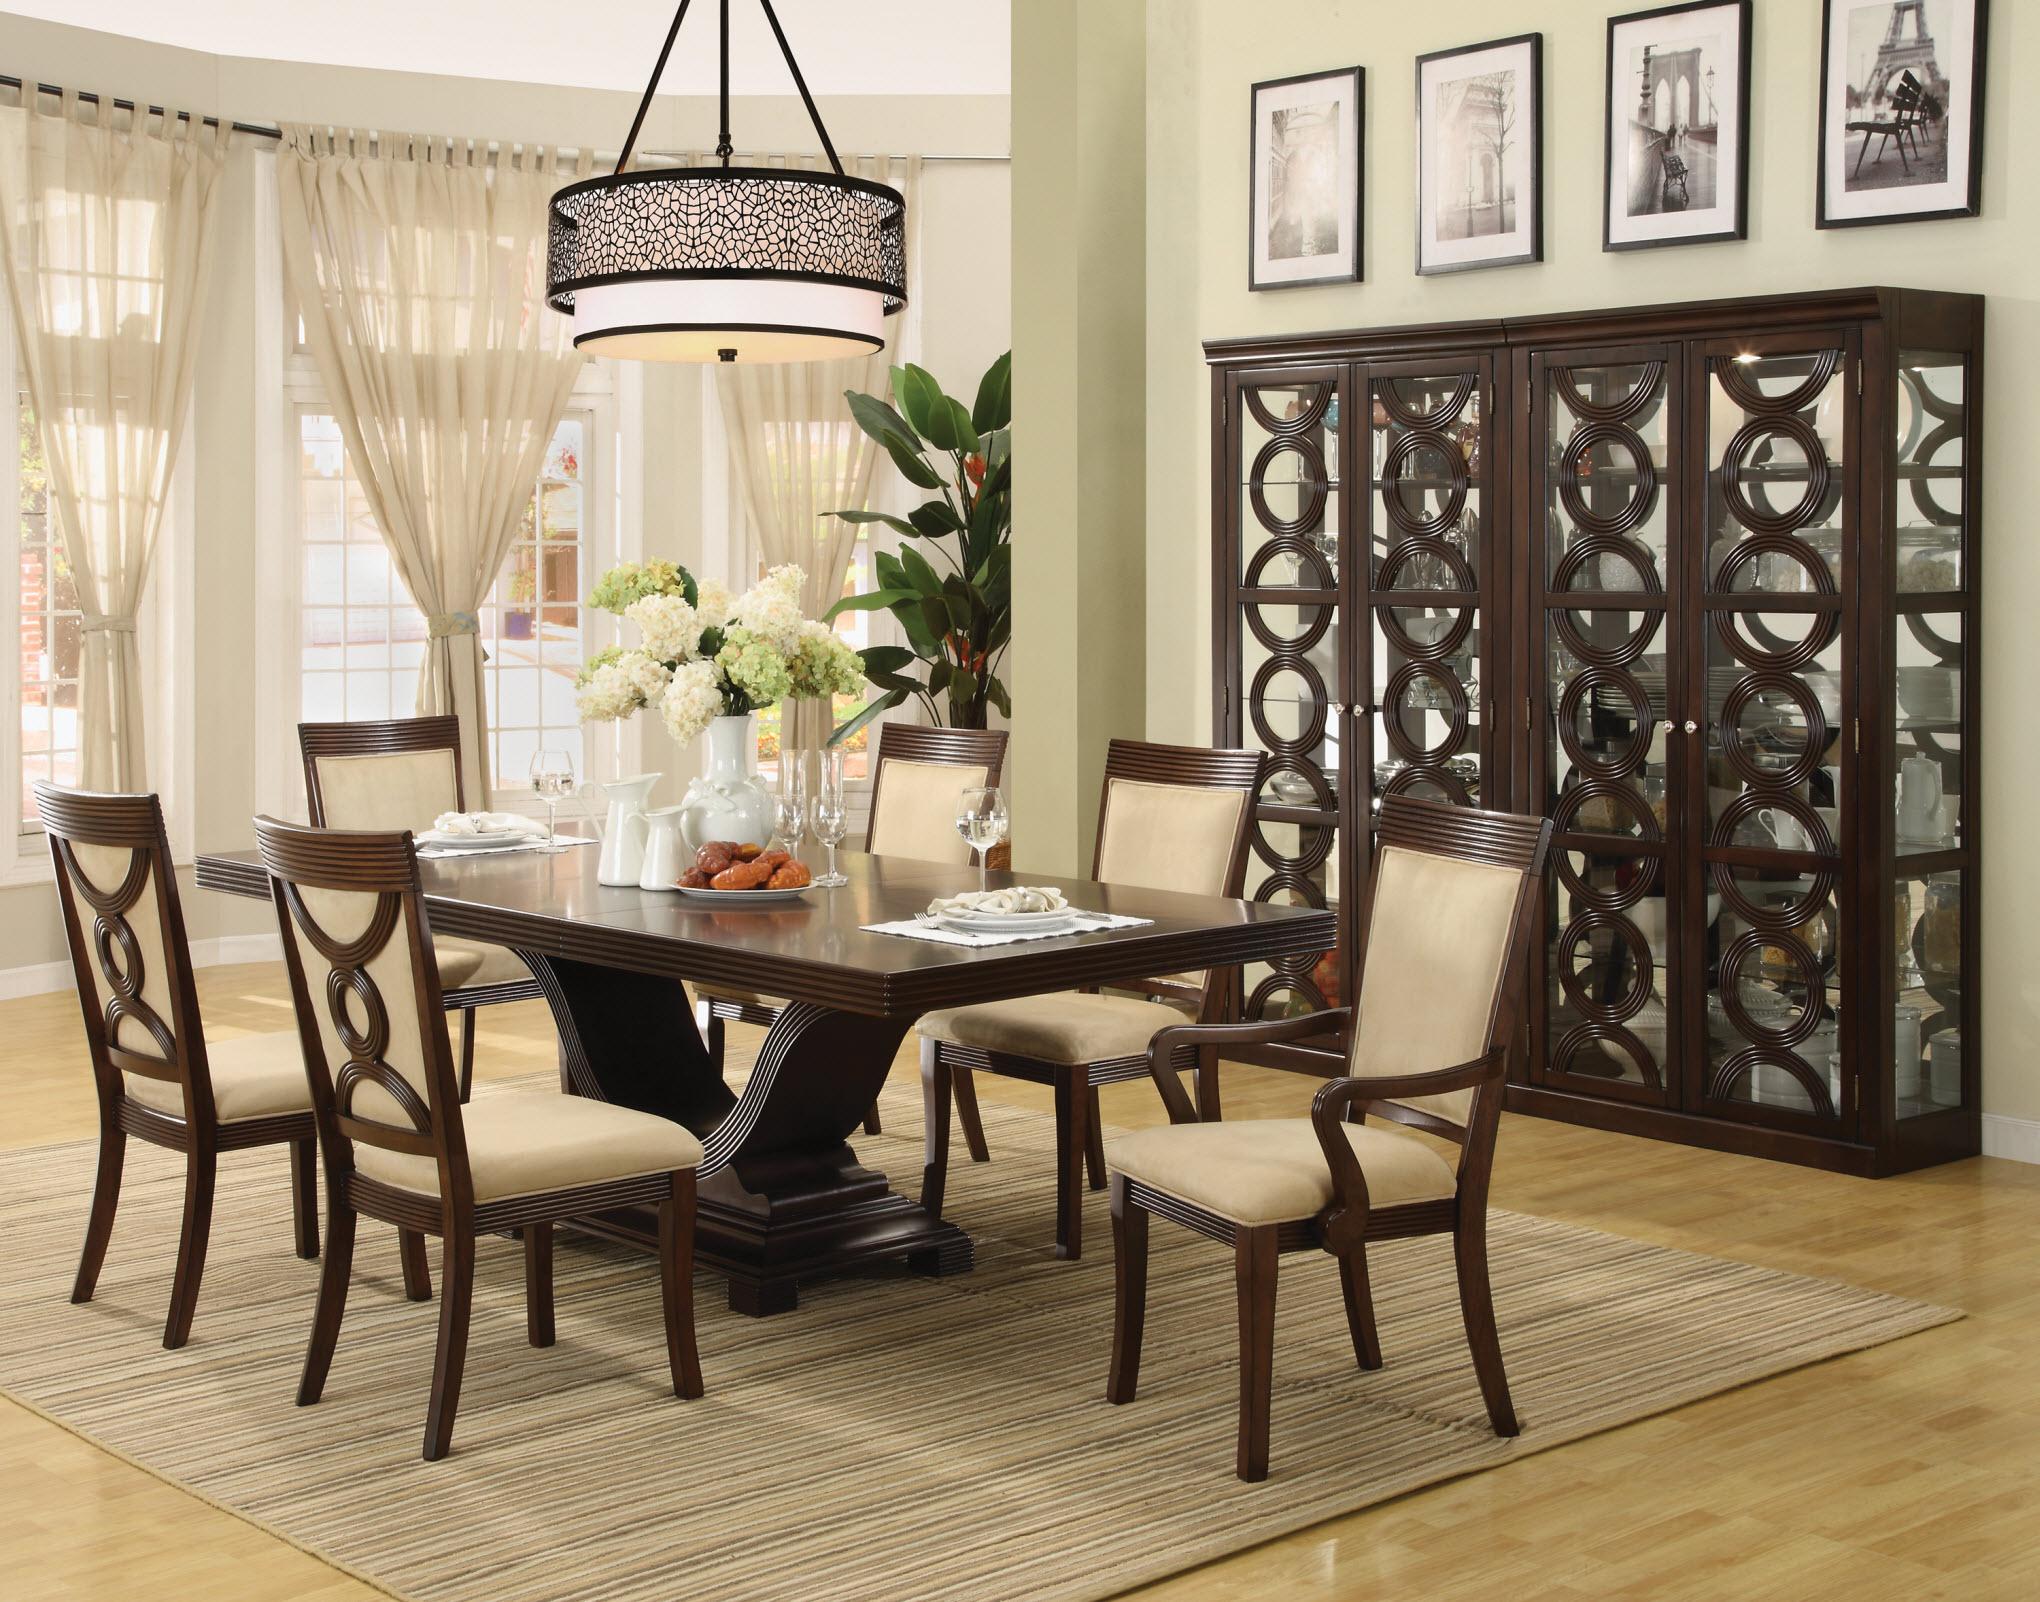 sala-de-jantar-decorada